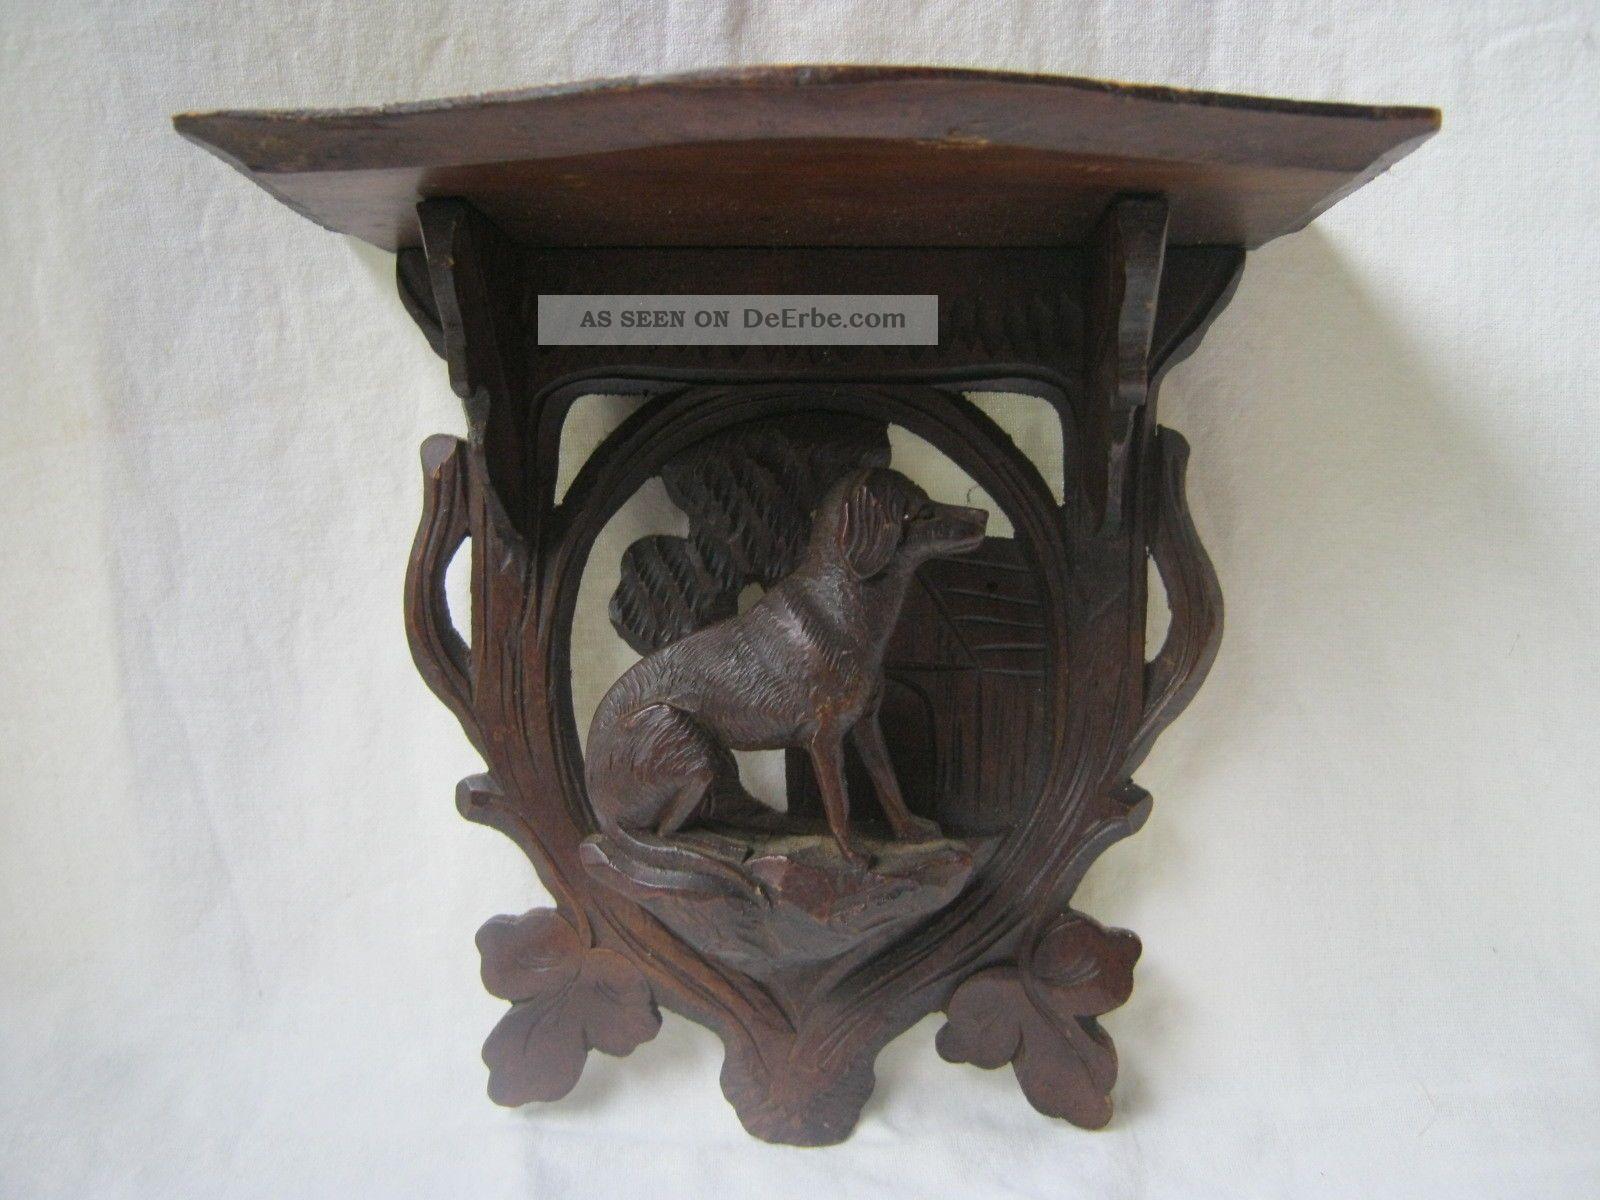 Konsole Aus Eiche Geschnitzt,  Mit Hundefigur Alter Um 1900 Holzarbeiten Bild